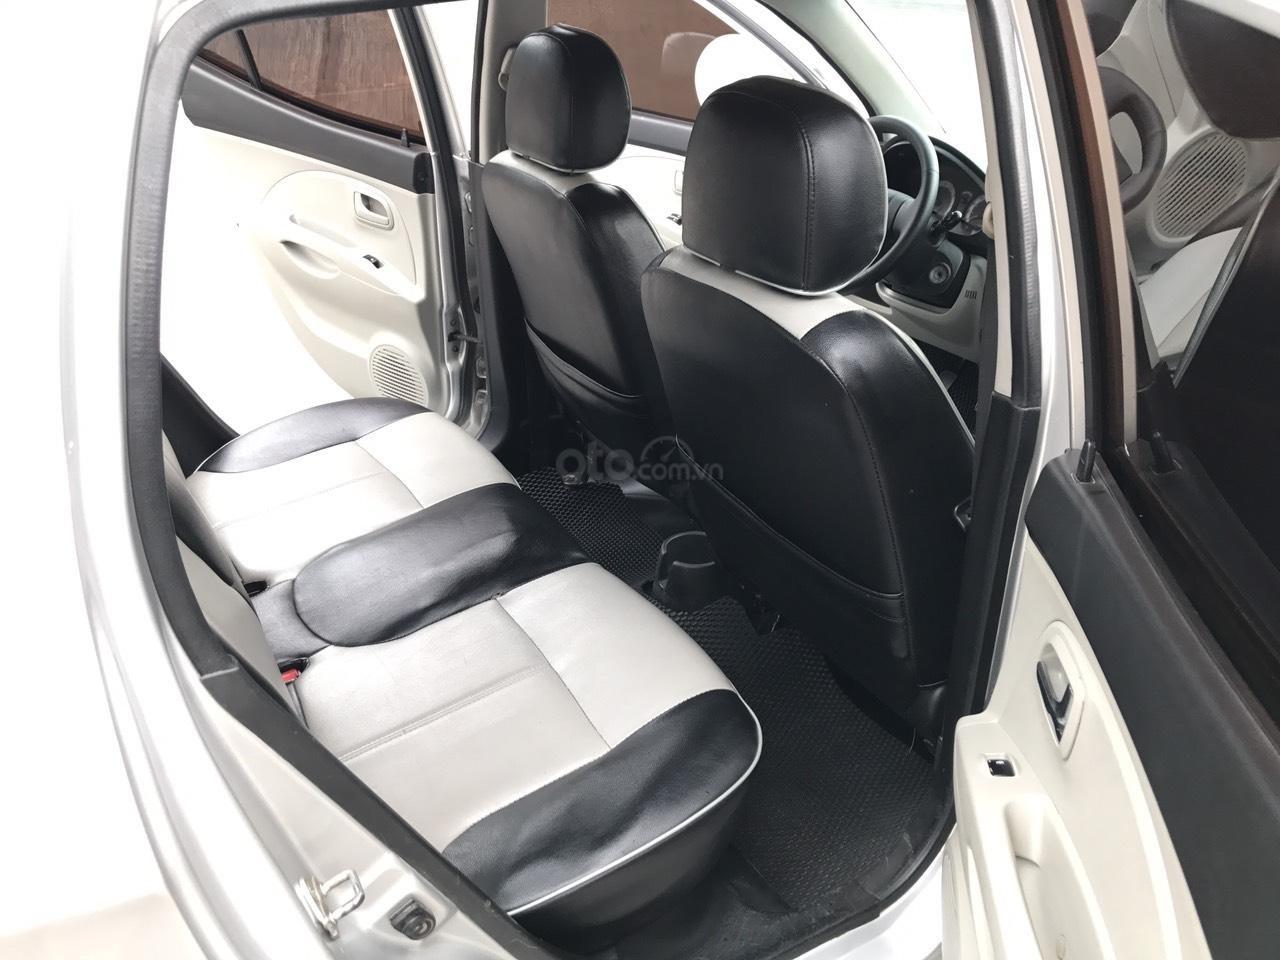 Cần bán xe Kia Morning SLX 2008, màu bạc, nhập khẩu, form mới, chính chủ-18